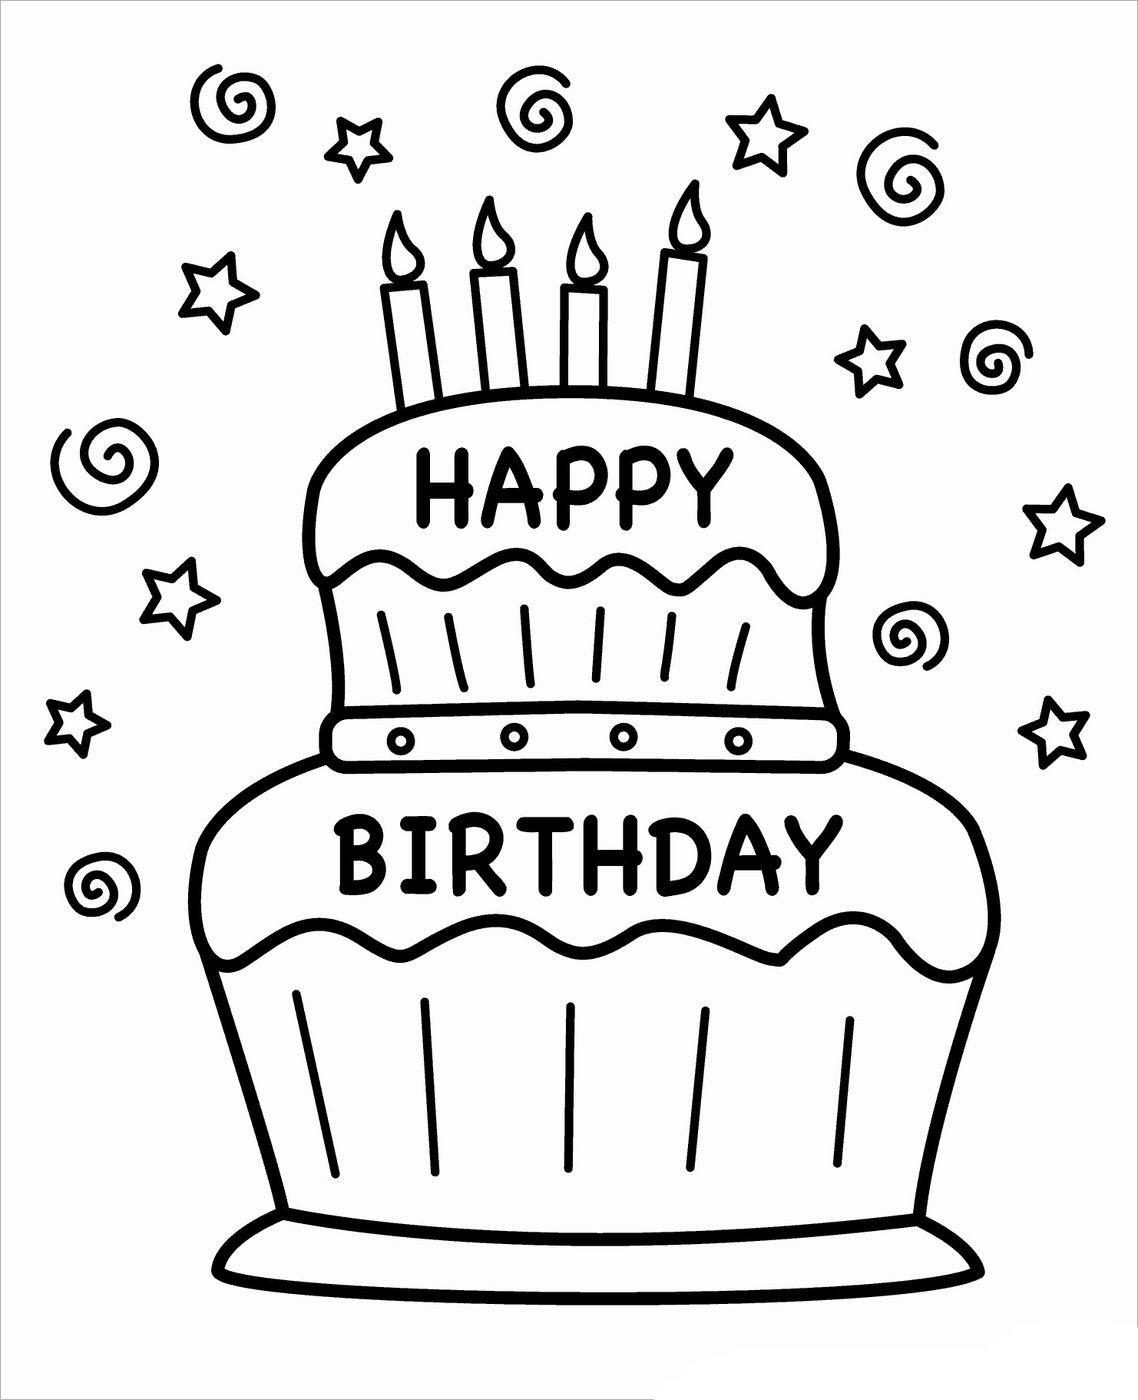 Tranh tô màu bánh sinh nhật đơn giản, ý nghĩa